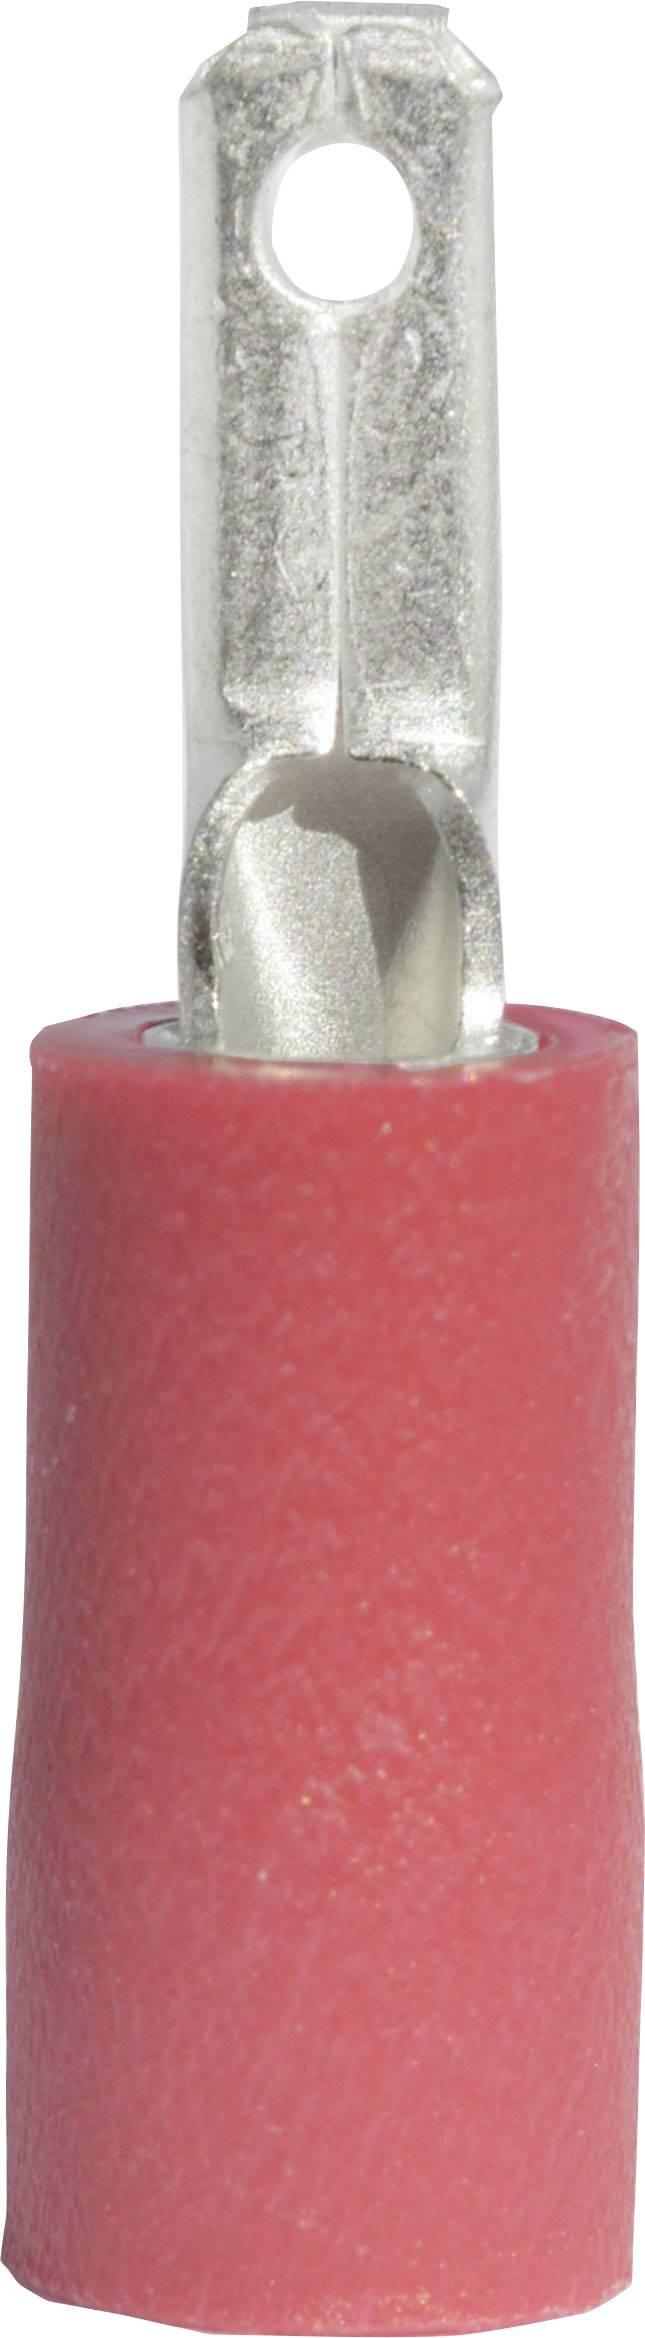 Faston konektor zástrčka Vogt Verbindungstechnik 391308 2.8 mm x 0.8 mm, 180 °, čiastočne izolované, červená, 1 ks